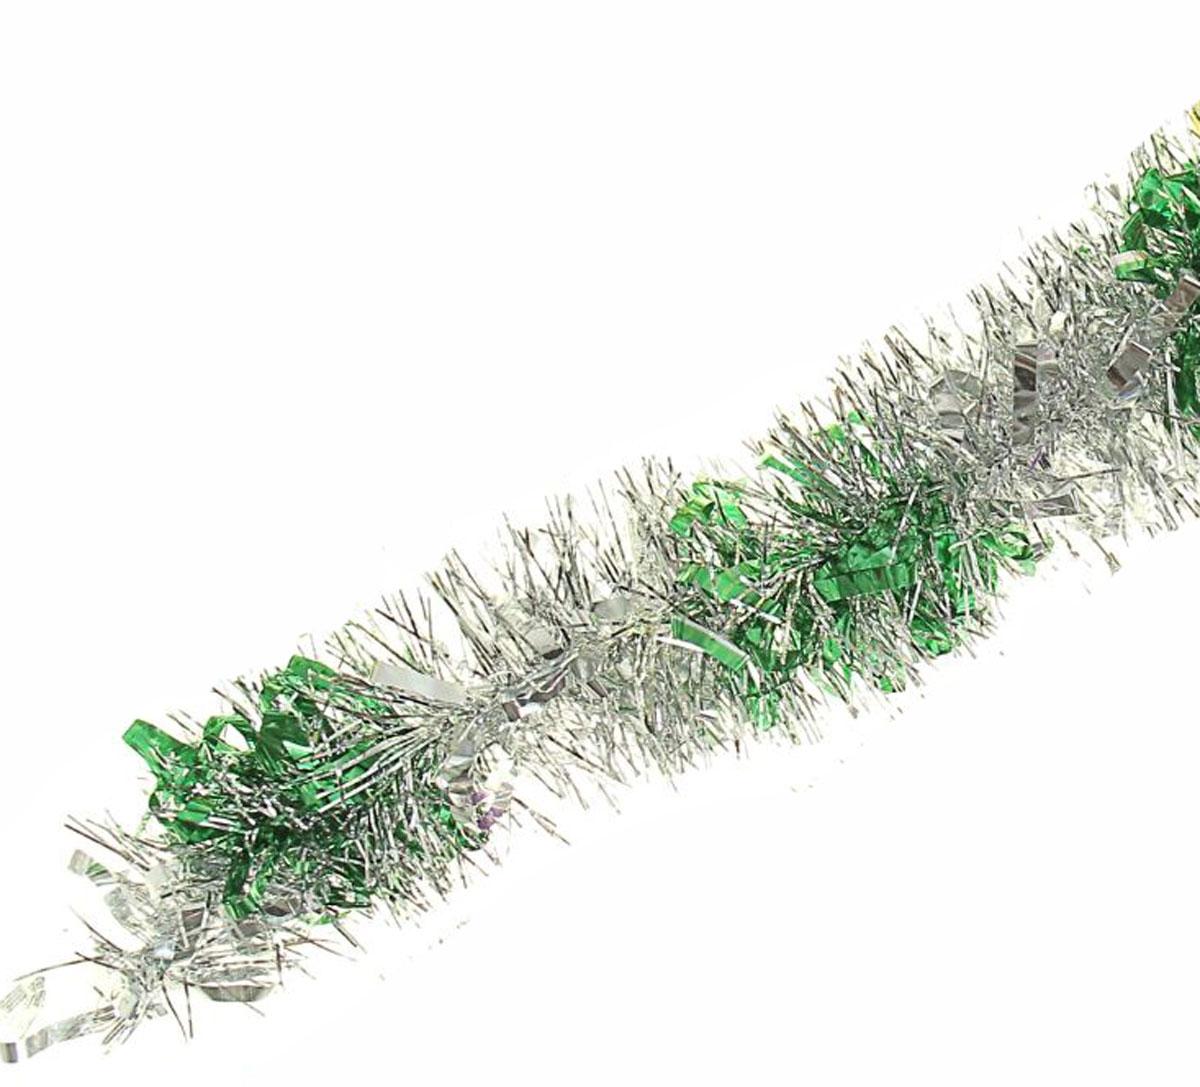 """Мишура новогодняя """"Sima-land"""", цвет: серебристый, зеленый, диаметр 8 см, длина 200 см. 702578"""